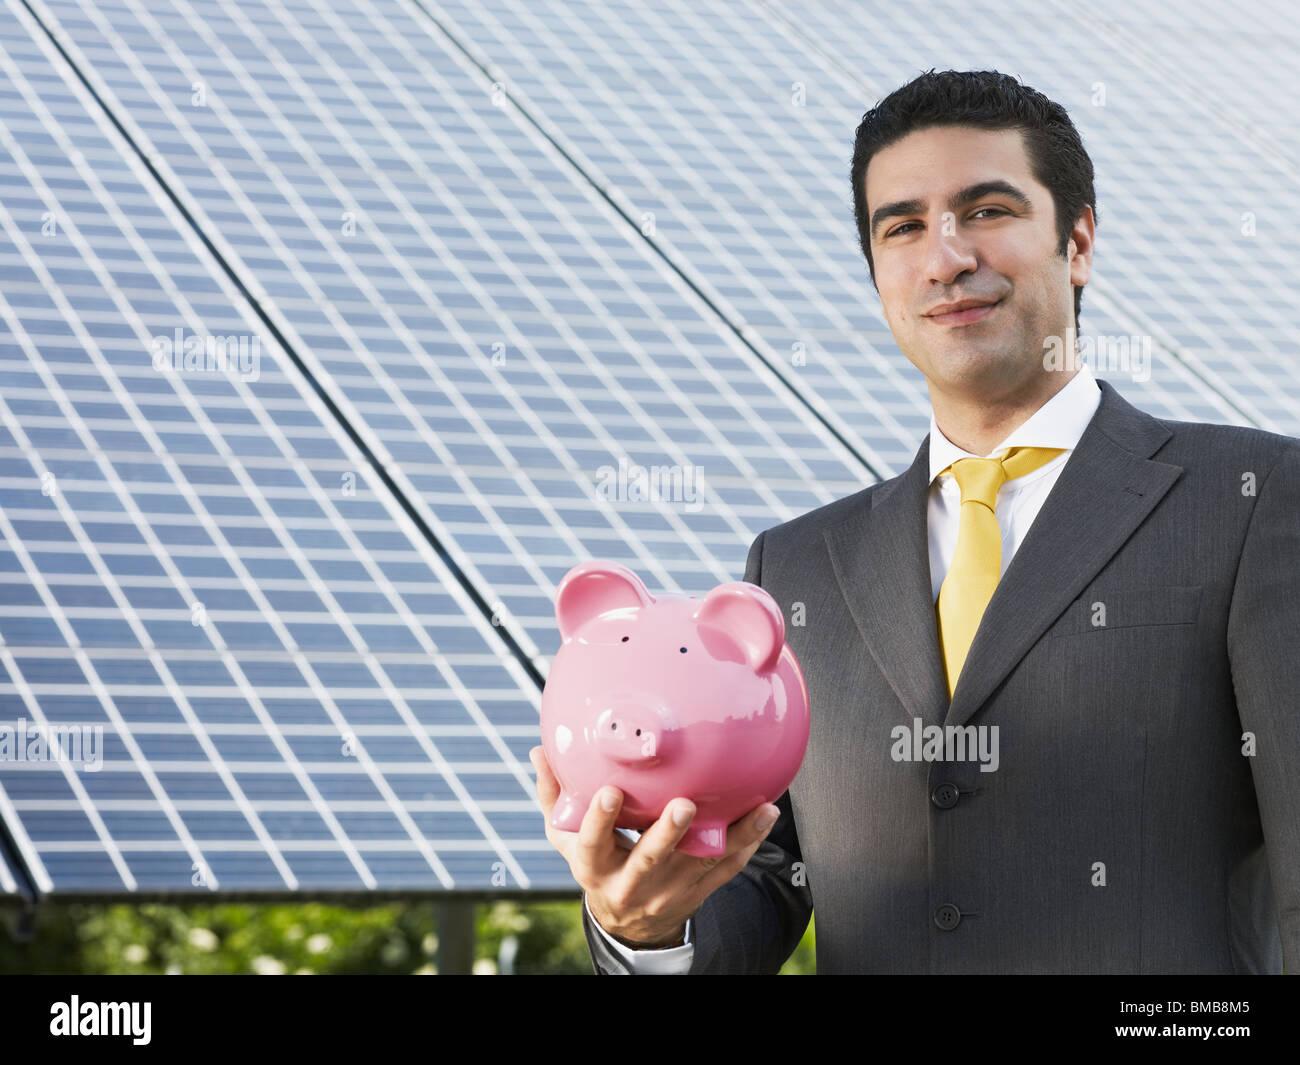 Ingeniero celebración hucha y de pie cerca de la estación de energía solar Imagen De Stock